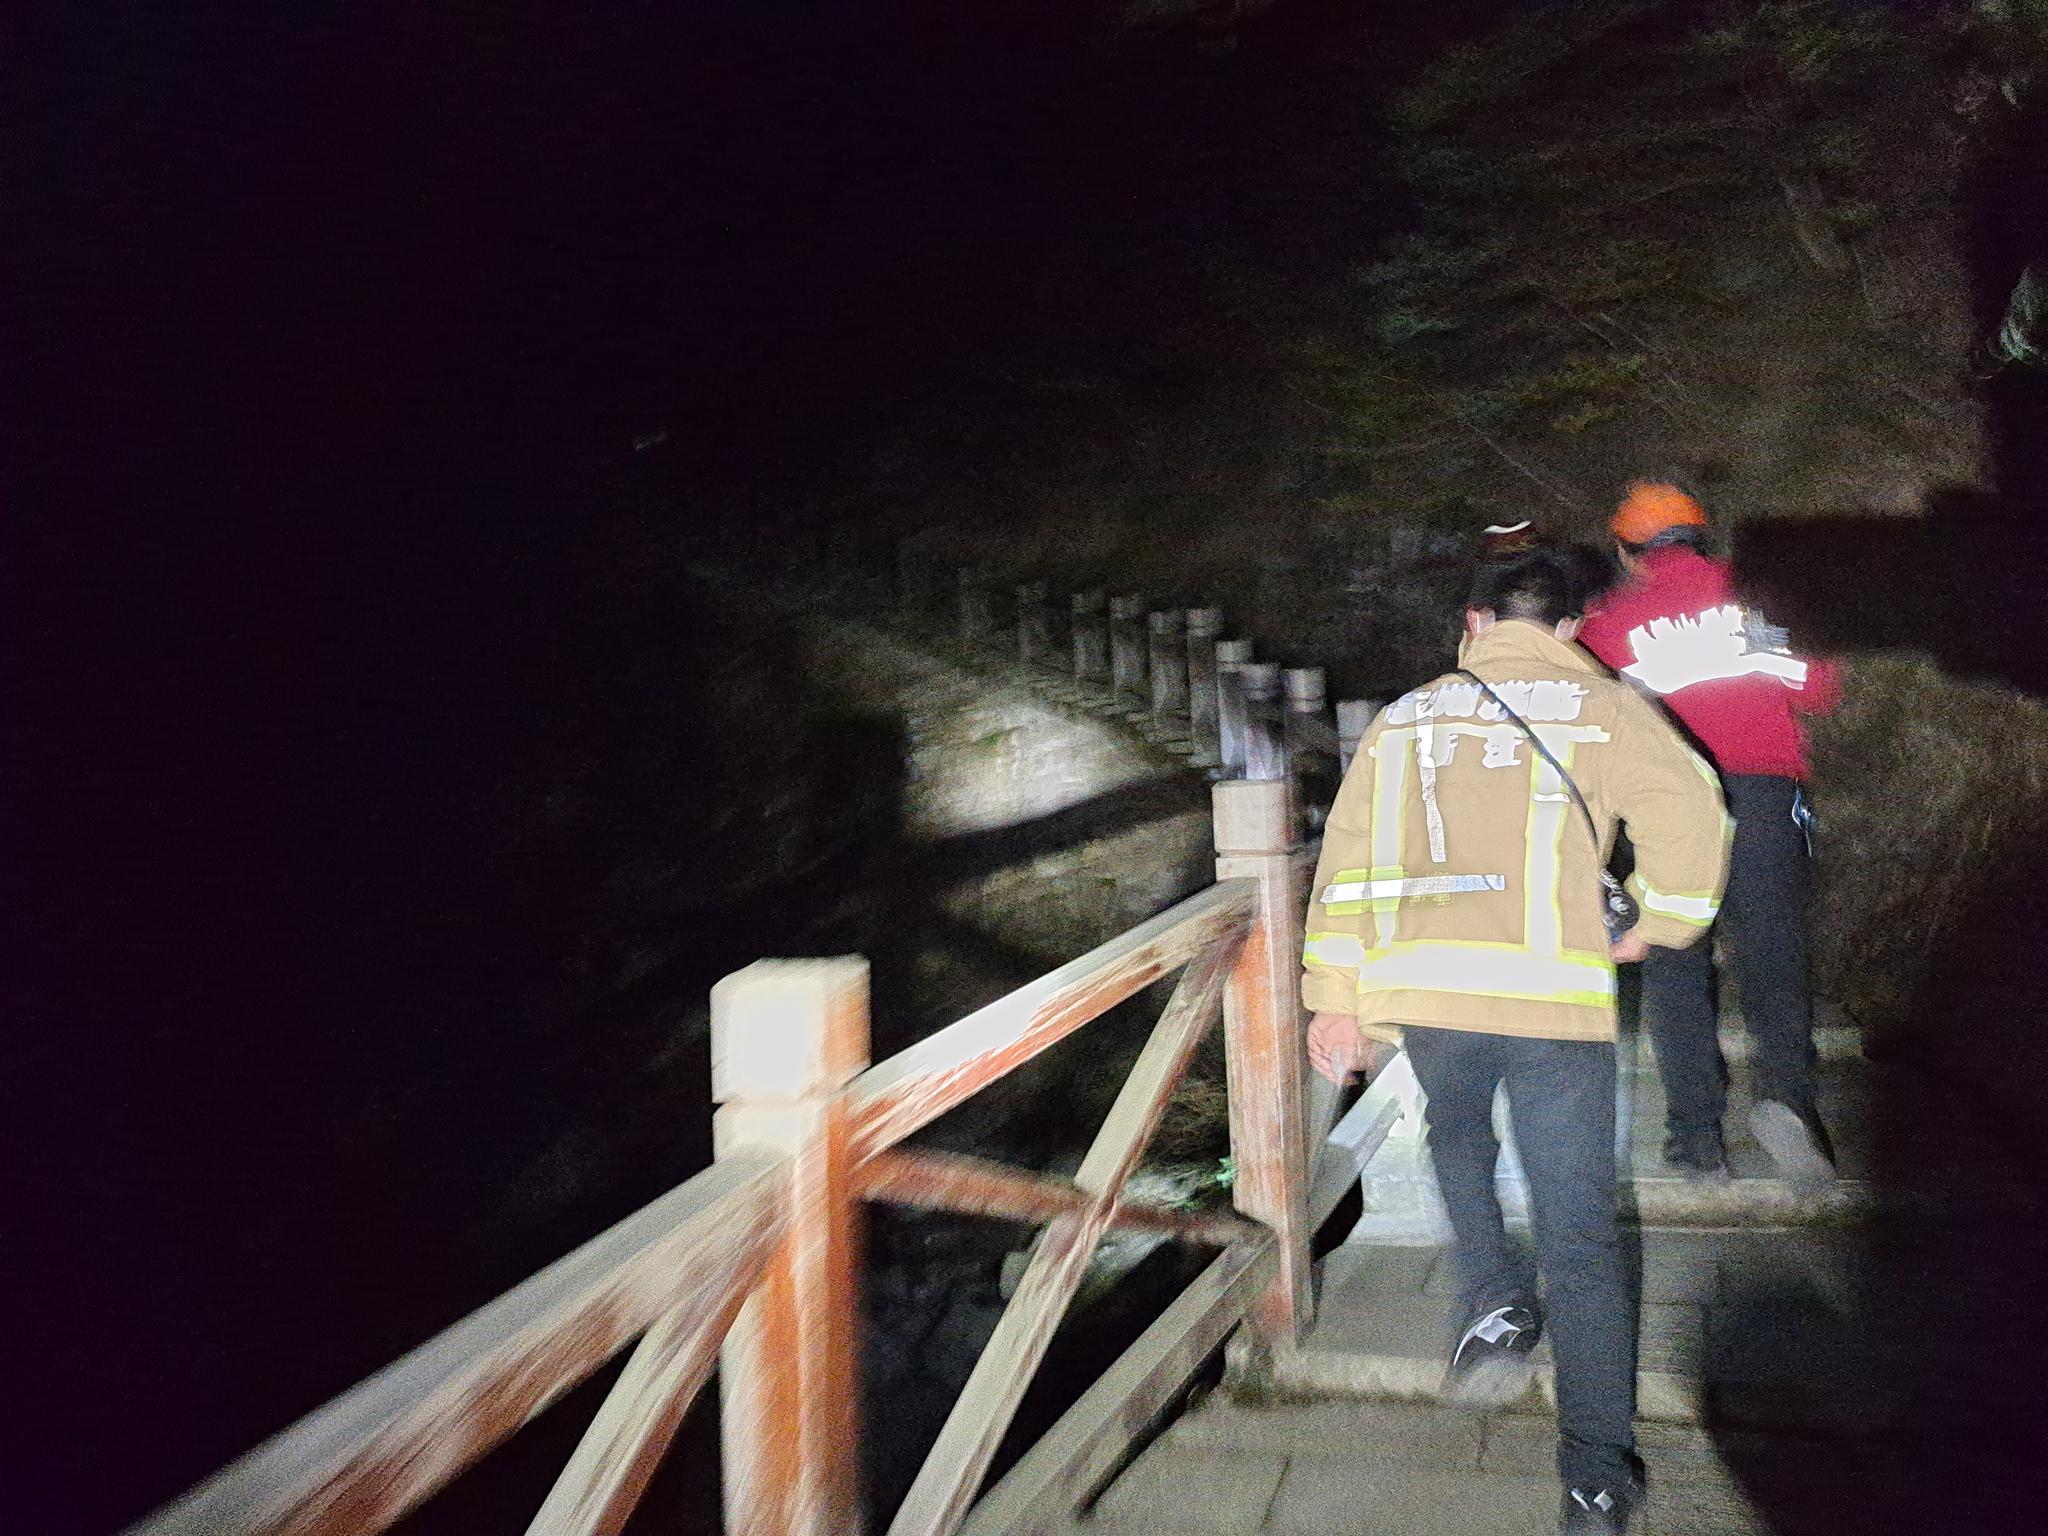 17名驴友被困深山 消防紧急救援